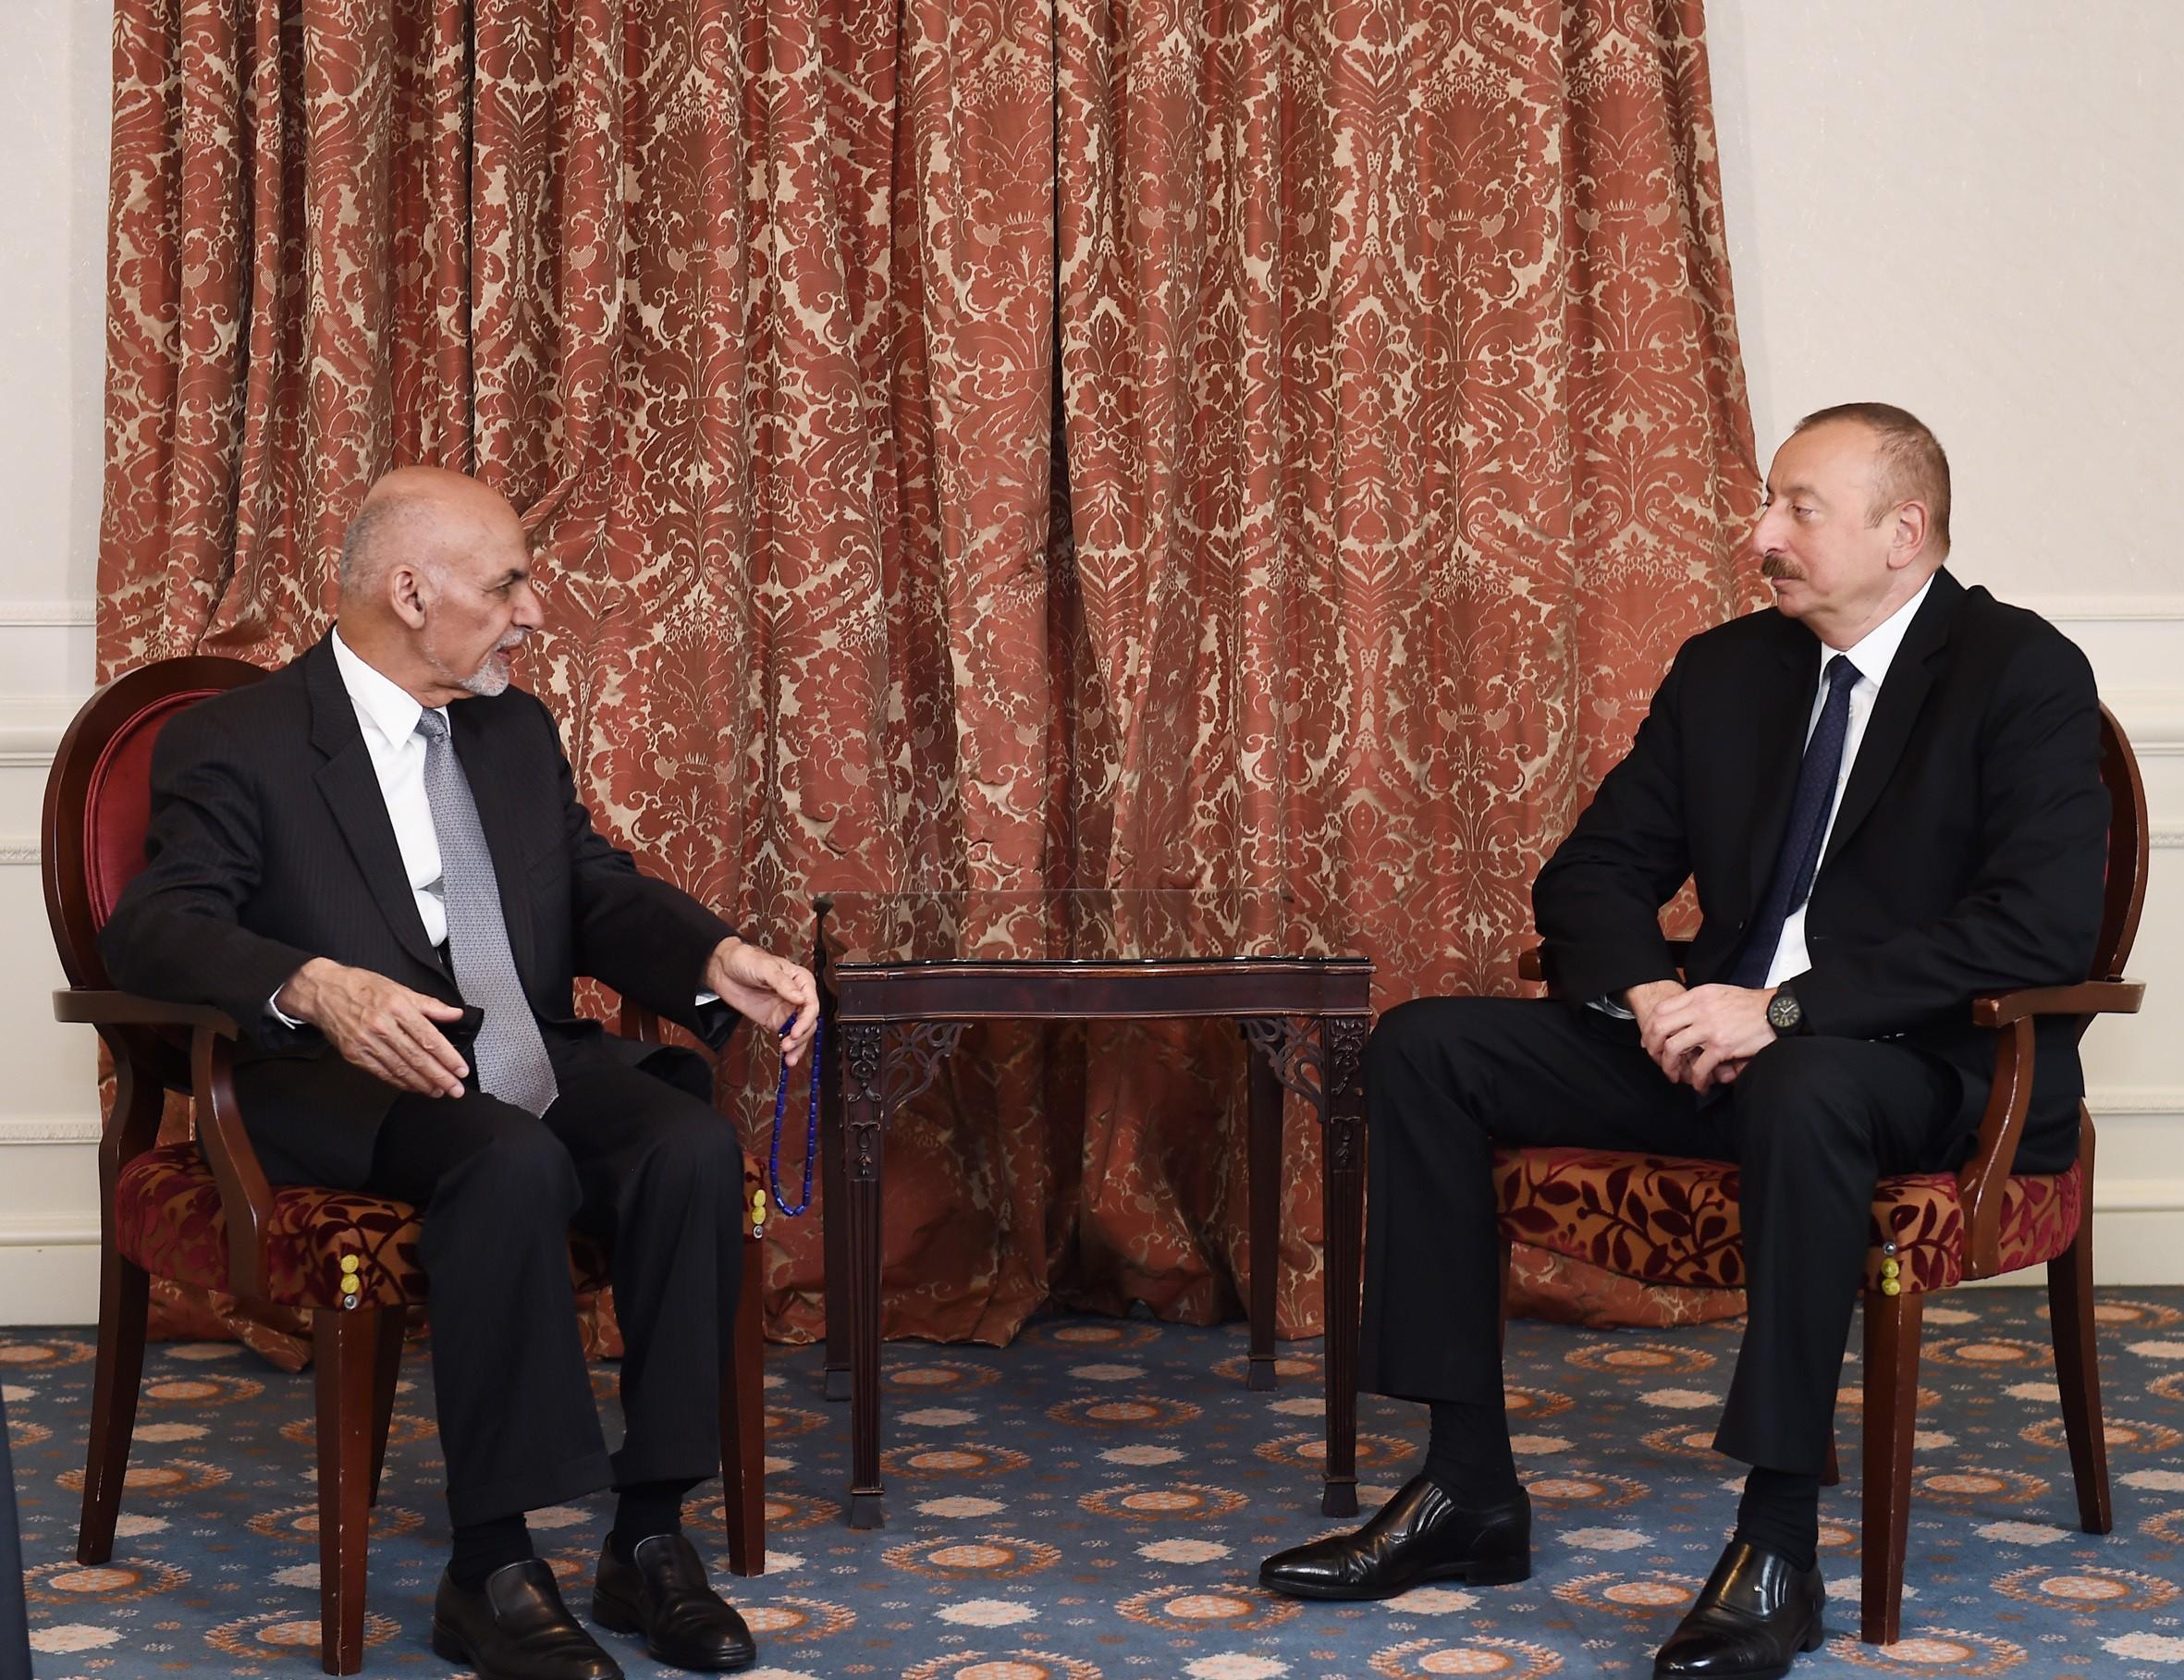 В Брюсселе состоялась встреча между президентами Азербайджана и Афганистана